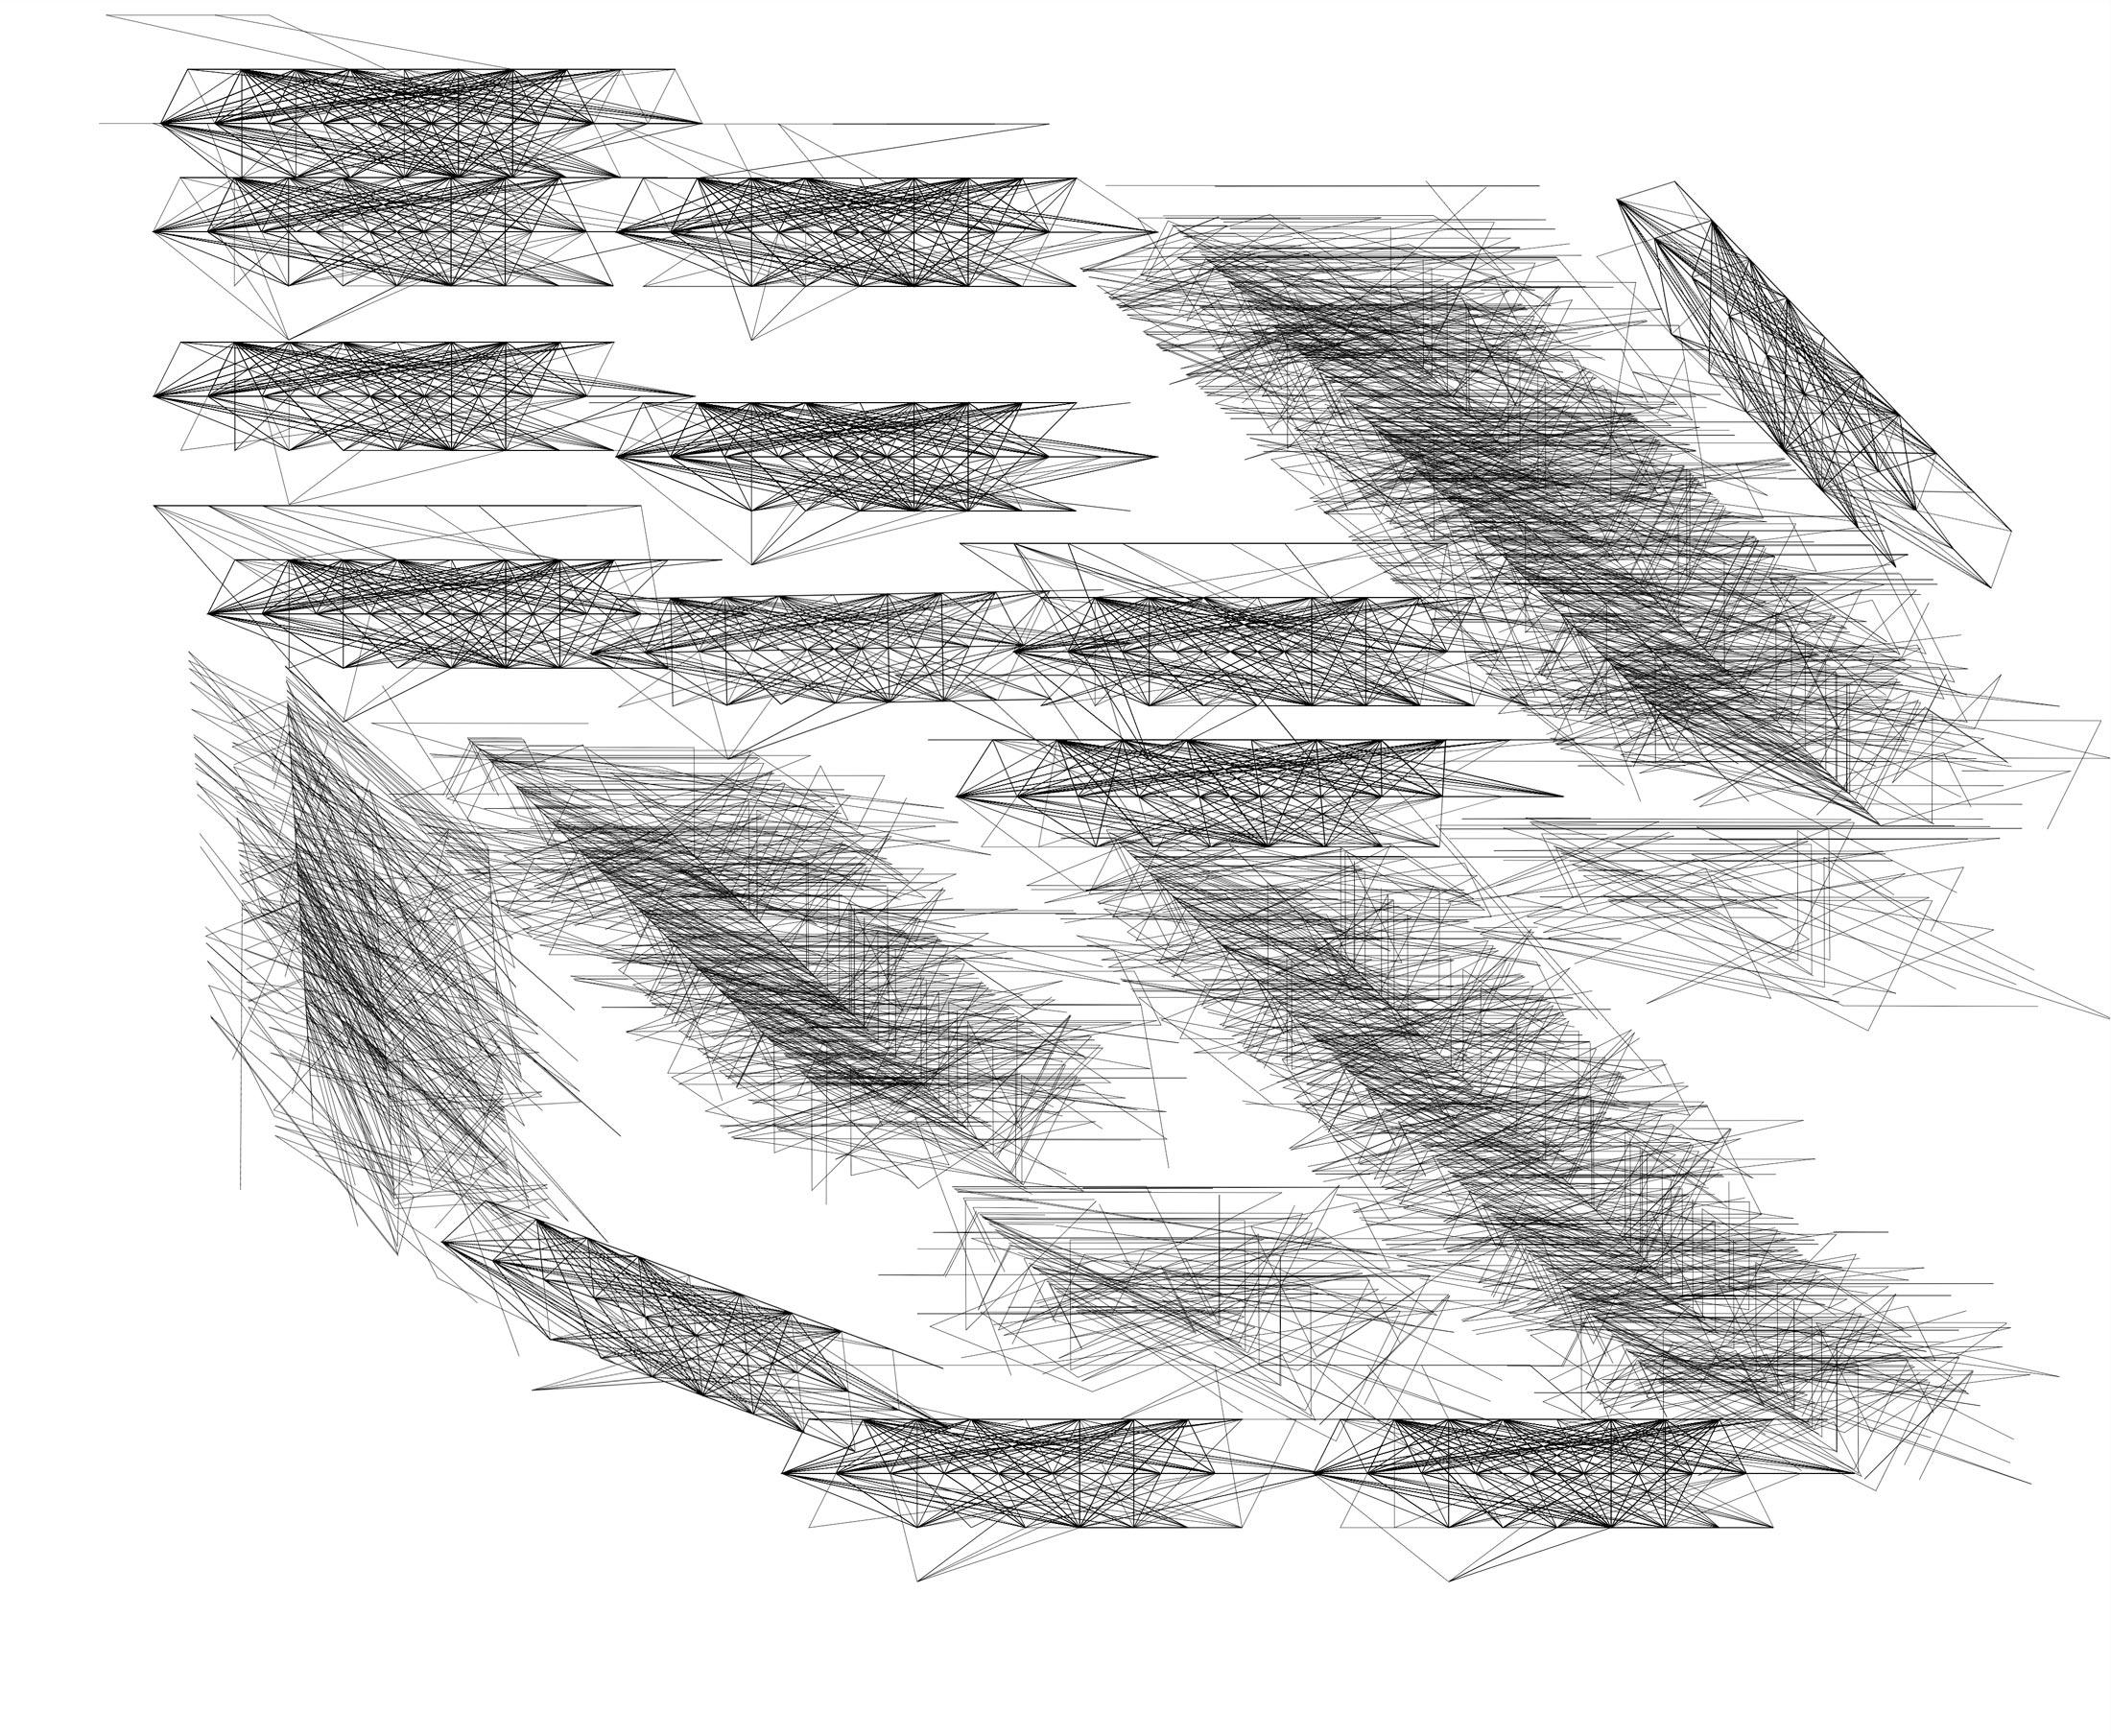 Herwig Steiner(1956L), Konzeptuelle Zeichnung{34}, Studie 65 zu Textbewegungsprotokoll, 2000